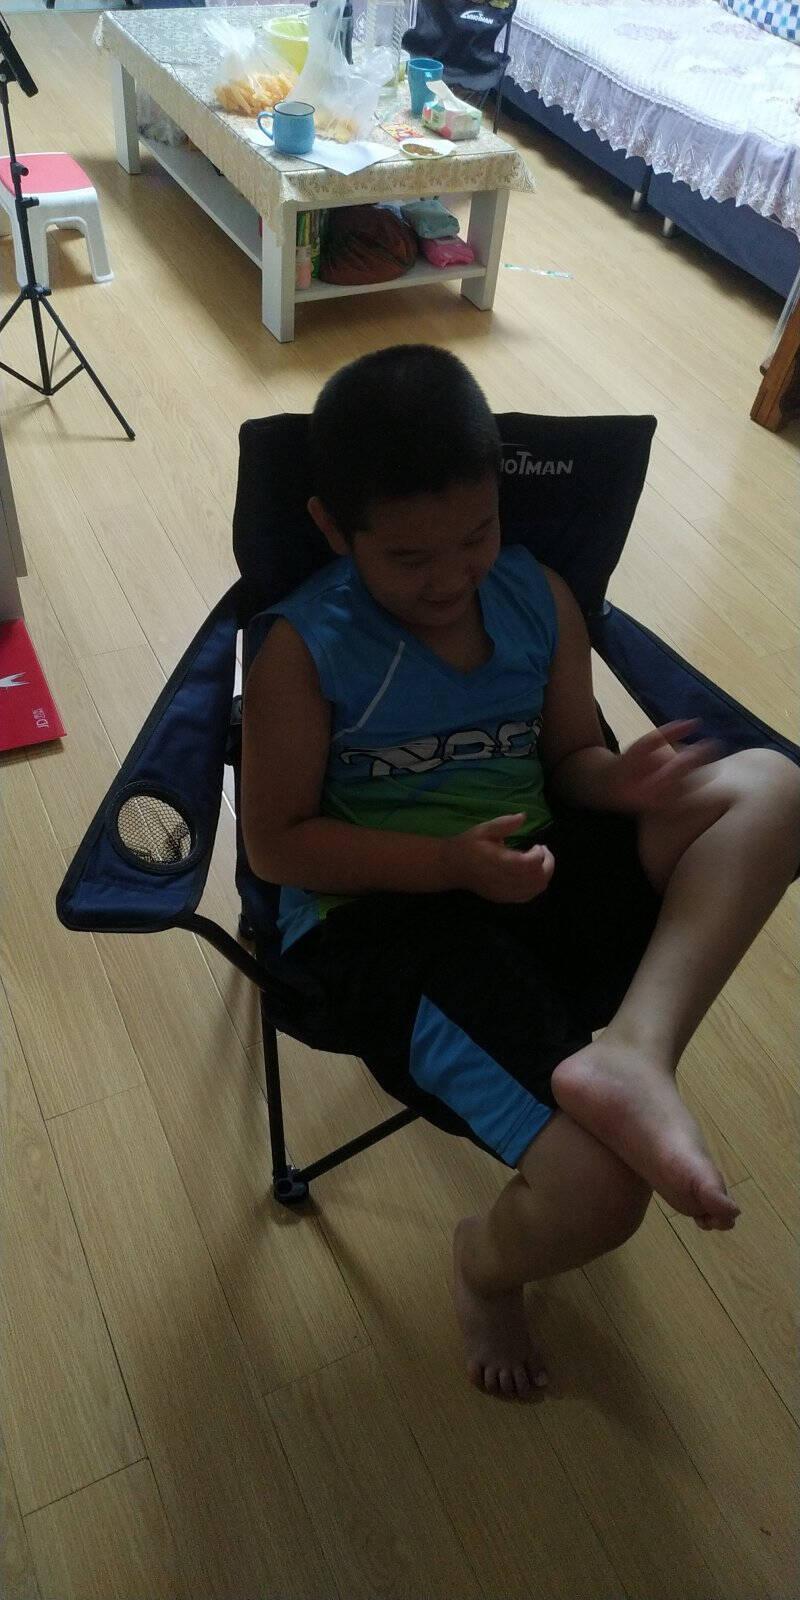 沃特曼Whotman户外折叠椅扶手椅靠背椅简易钓鱼椅沙滩椅家用休闲椅子便携式写生椅WY3137